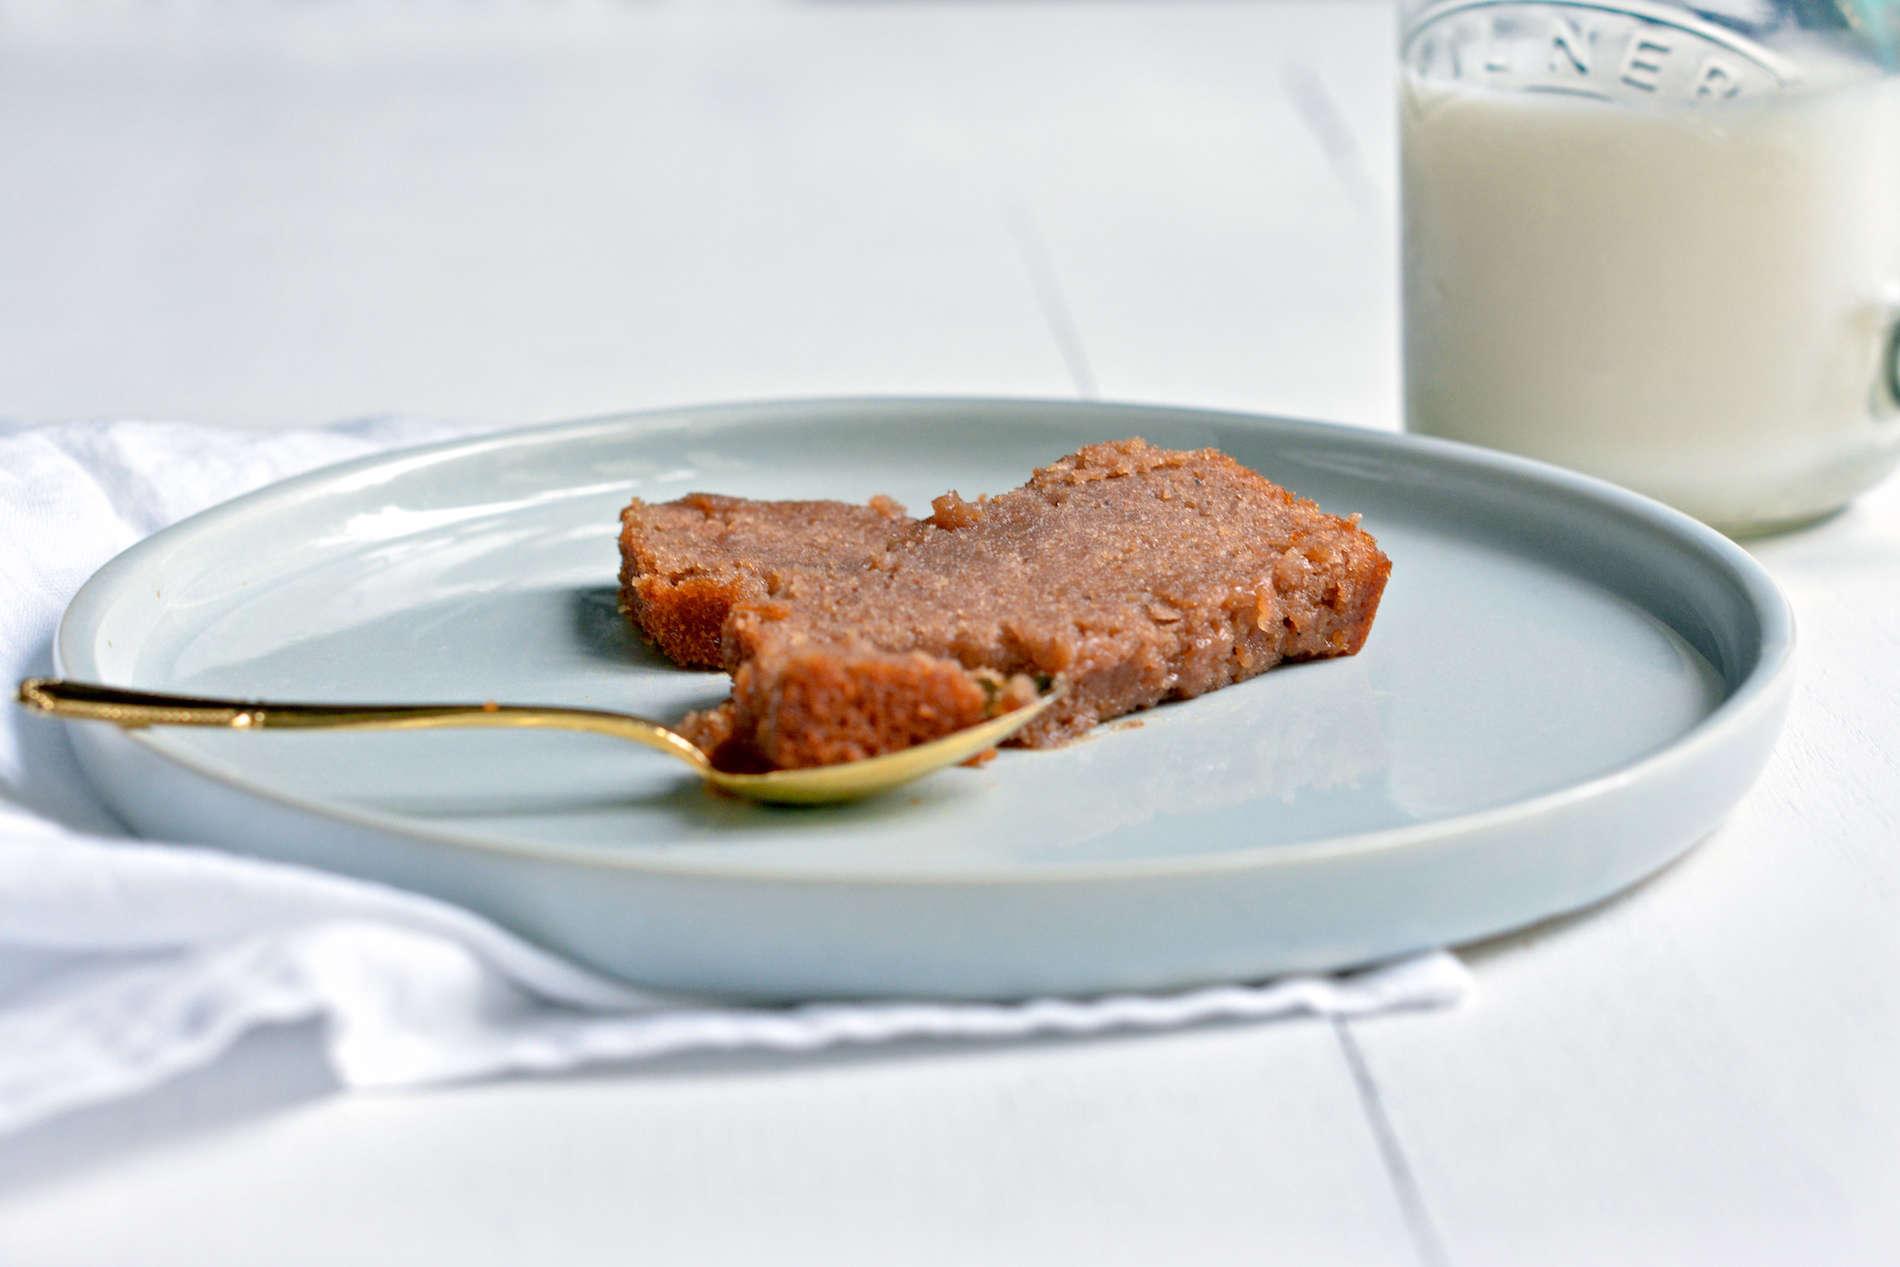 fondant 224 la cr 232 me de marrons sans gluten sans lactose 22 v la l live eat